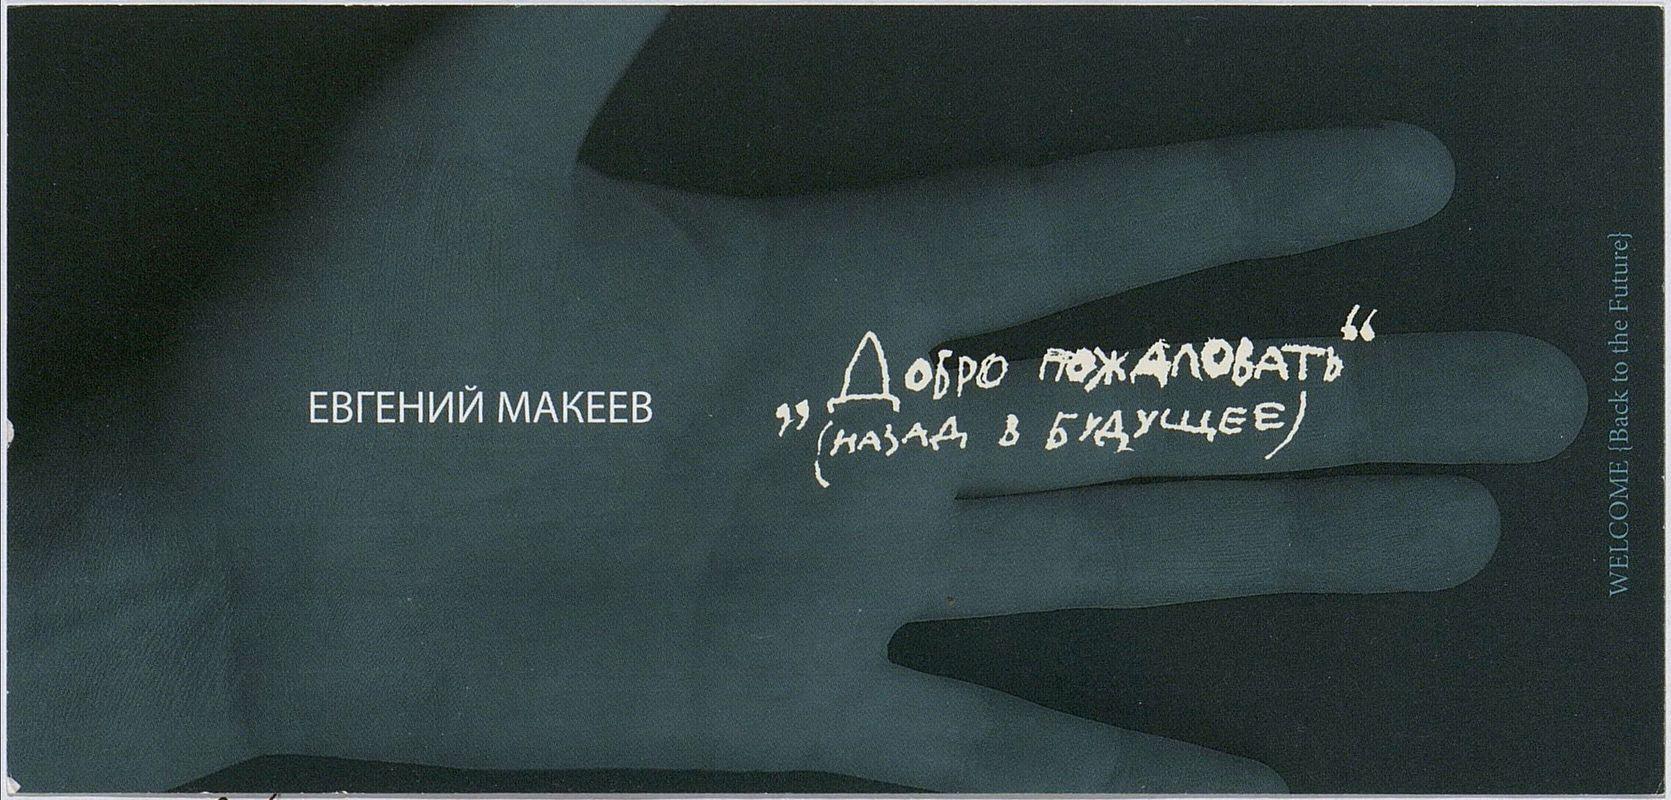 Евгений Макеев. Добро пожаловать (назад в будущее)